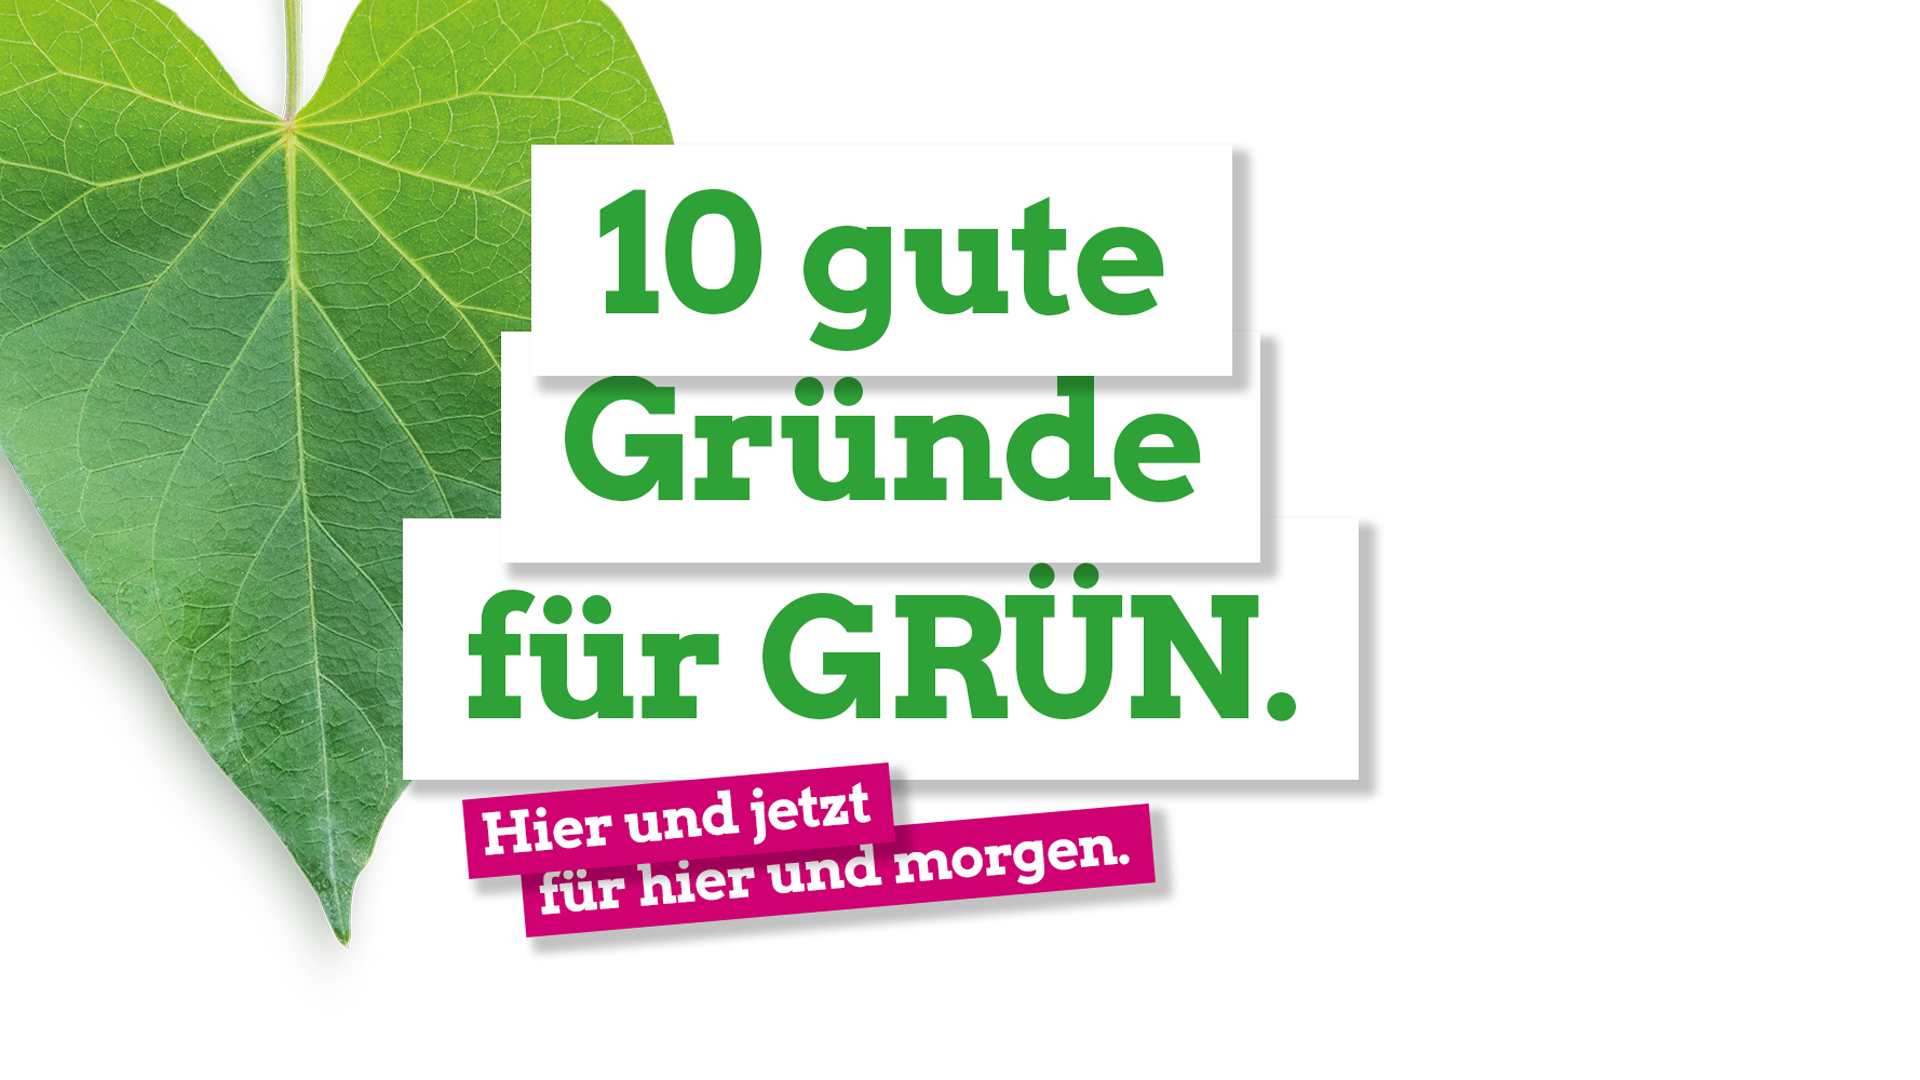 Landtagswahl 2019 – 10 gute Gründe für GRÜN.